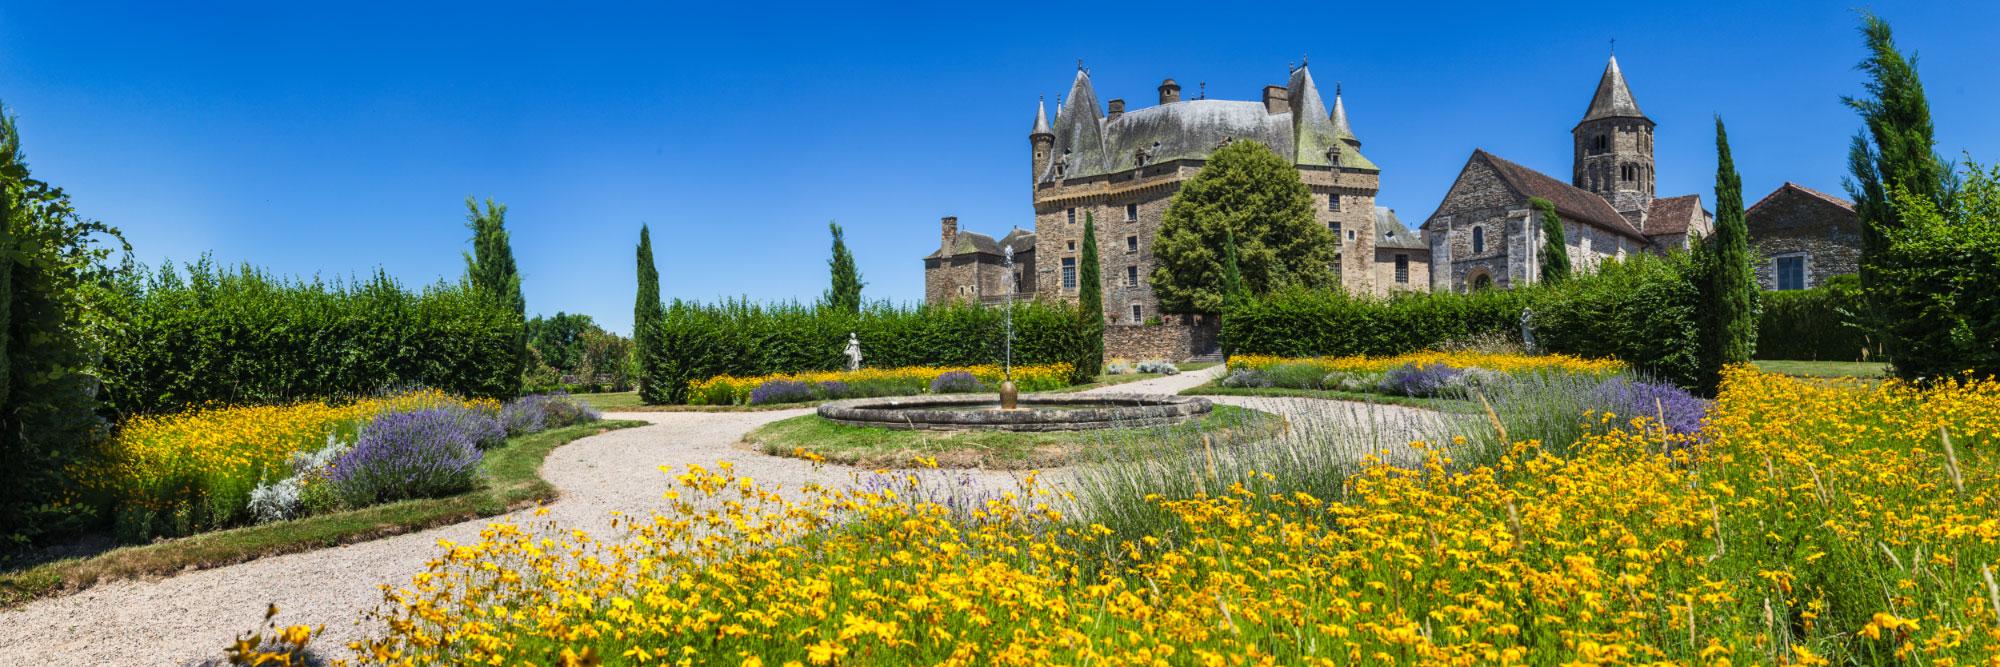 jardins du château de Jumilhac